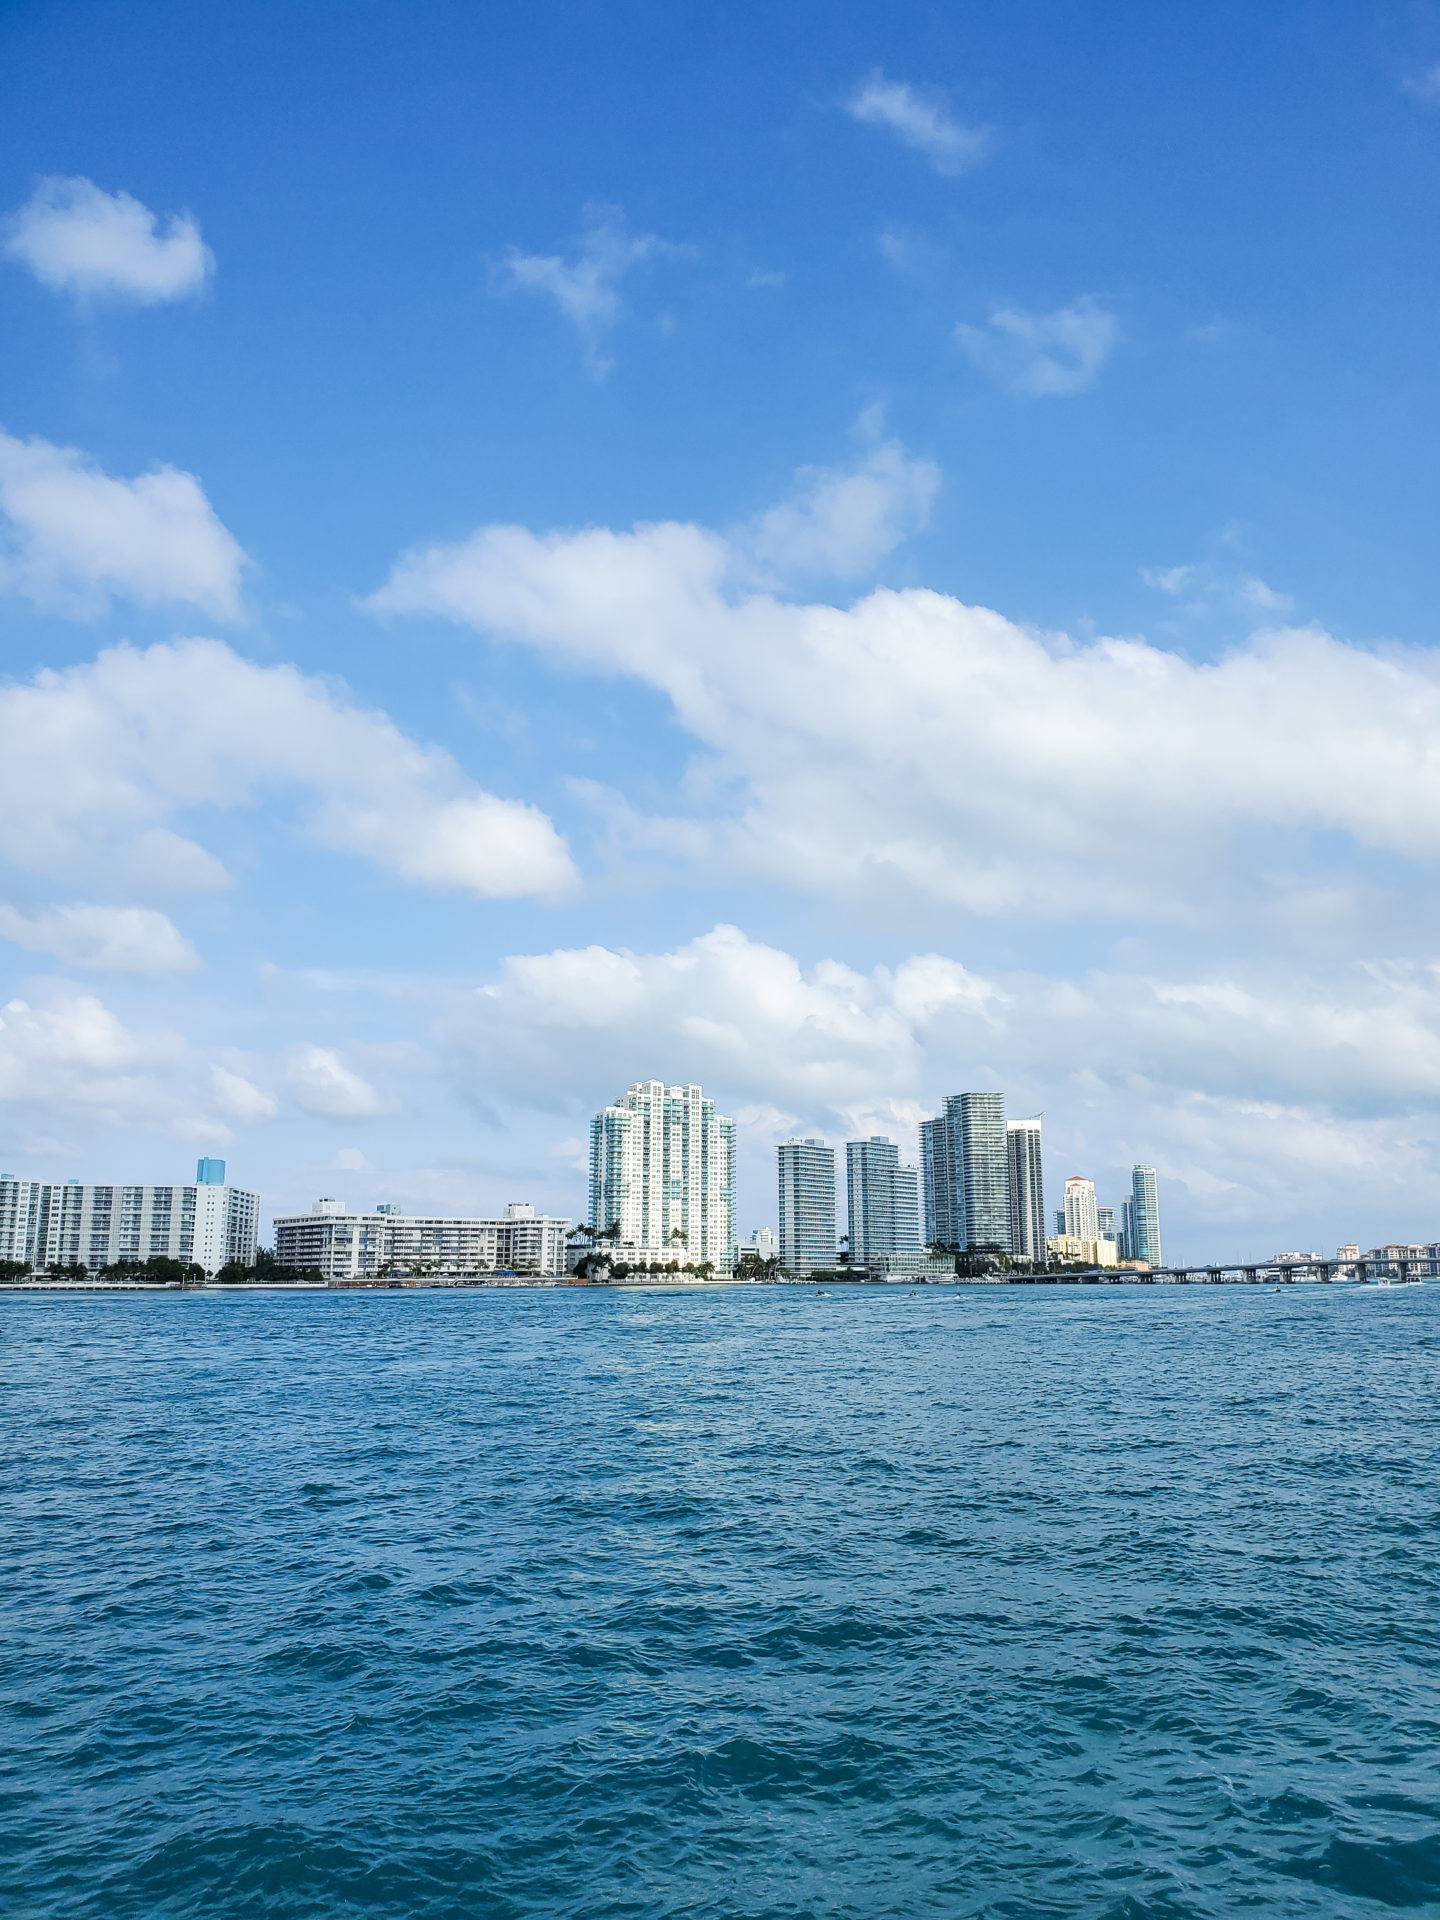 Tall Building in Miami.